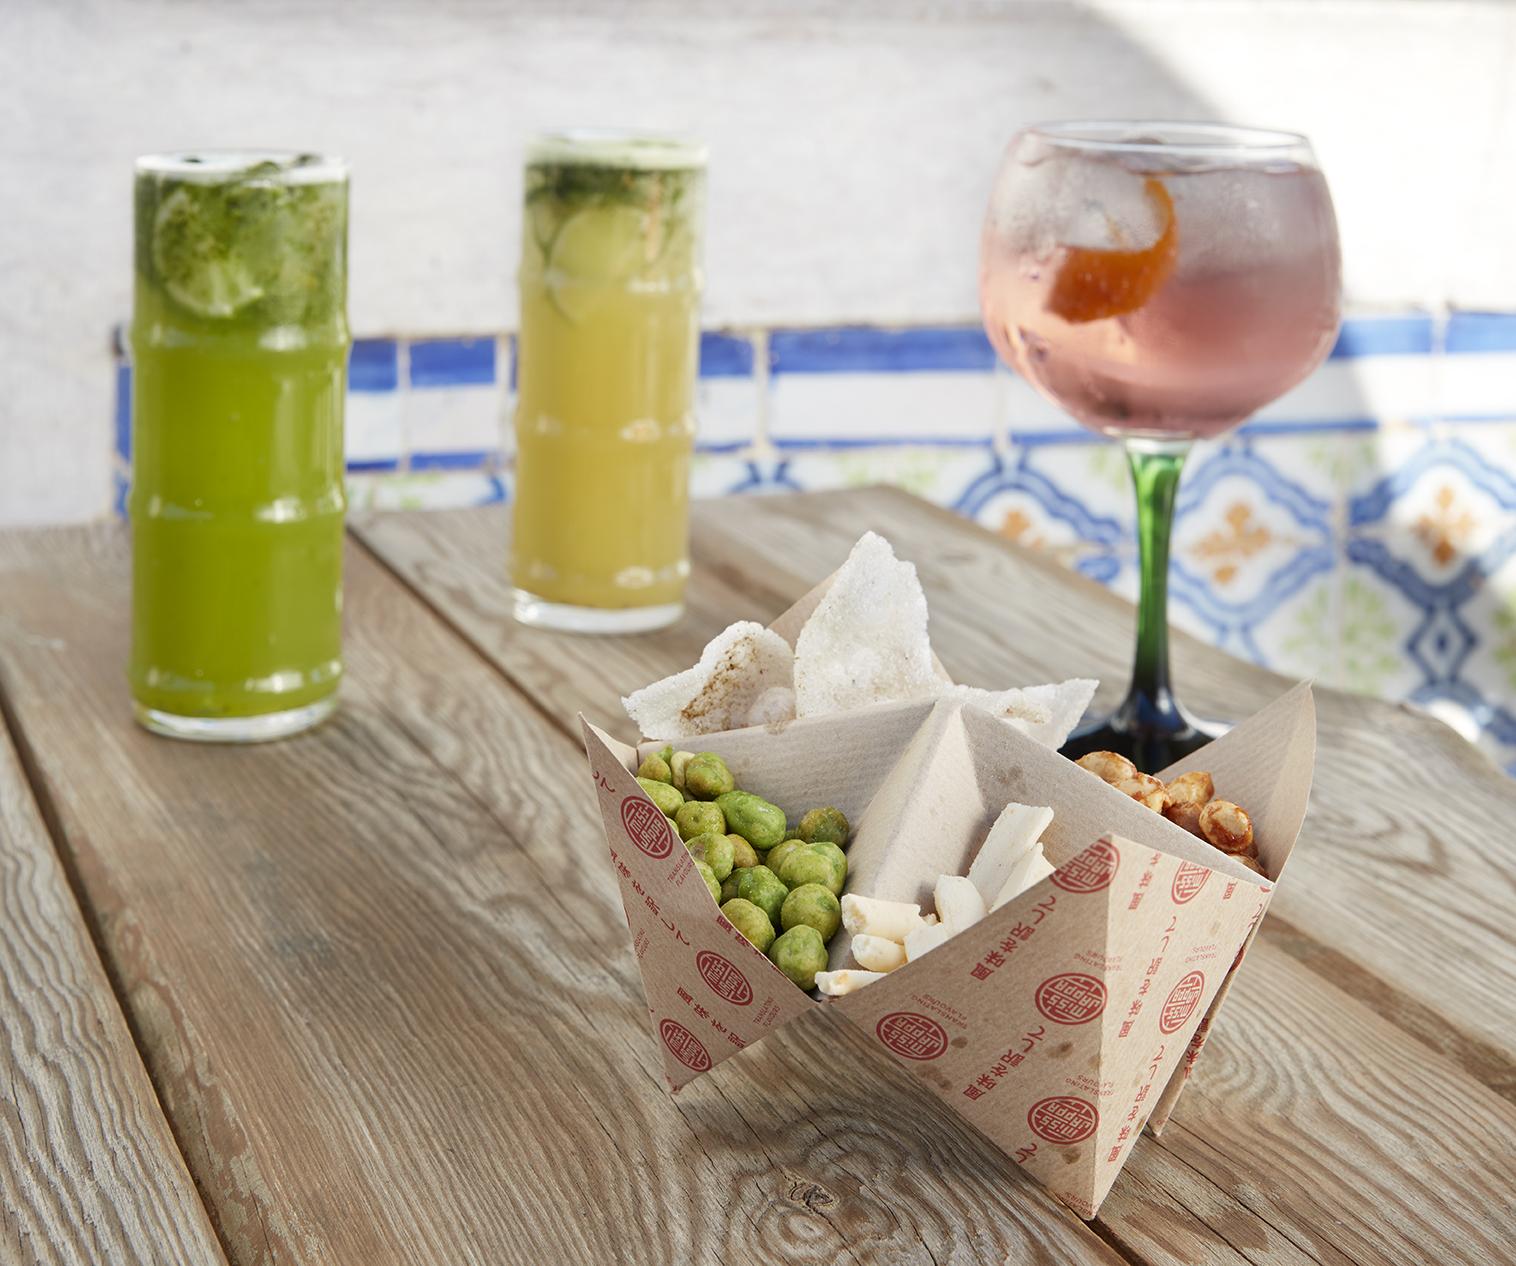 Miss Jappa_Sparkling Lemonade_Shisô Baby_Martini Rosato_Quantos queres